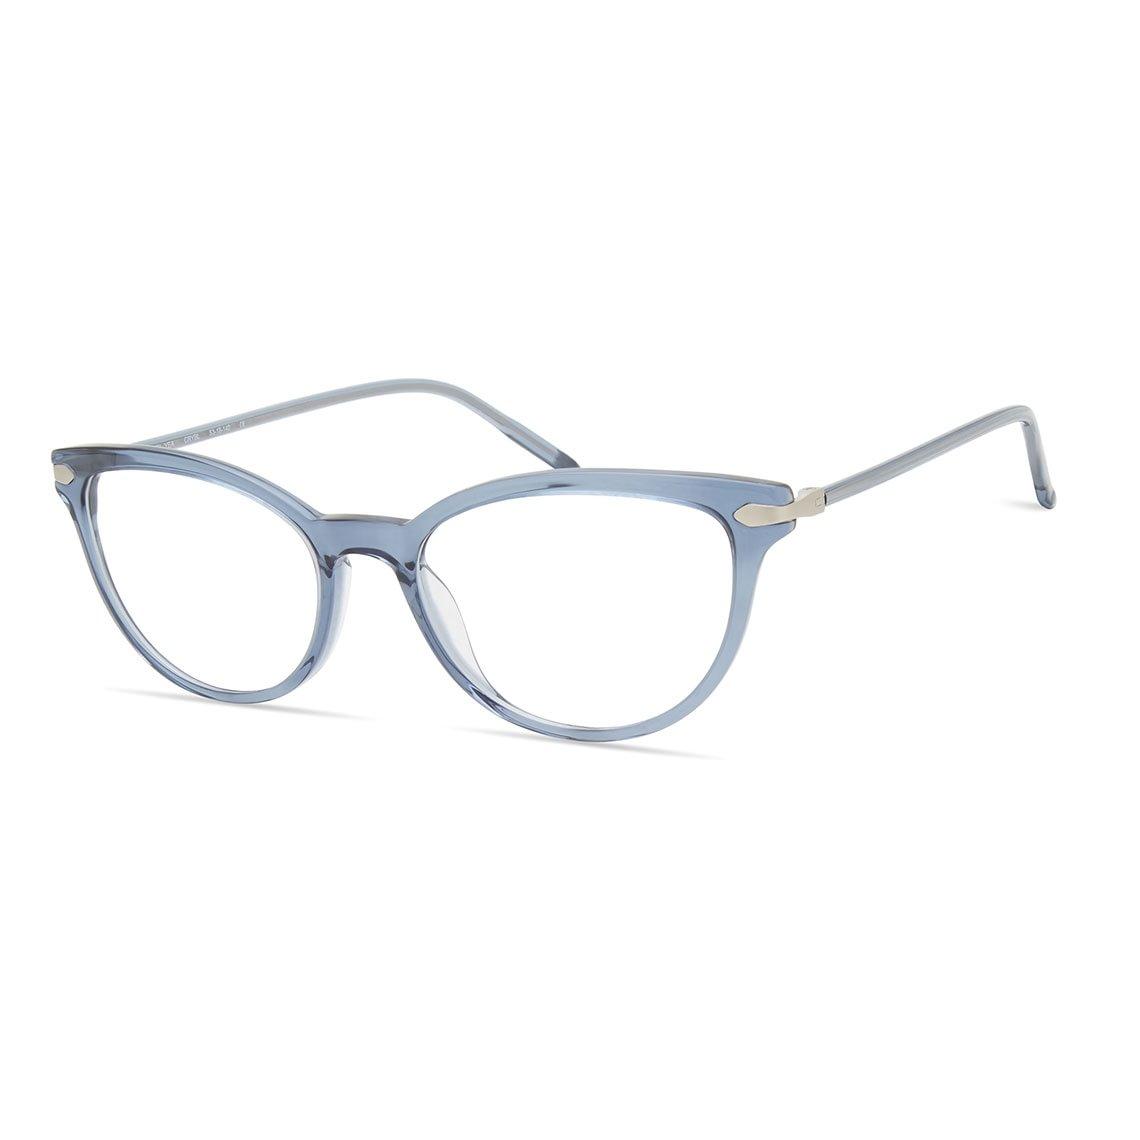 Modo Conselyea Crystal Blue 5318